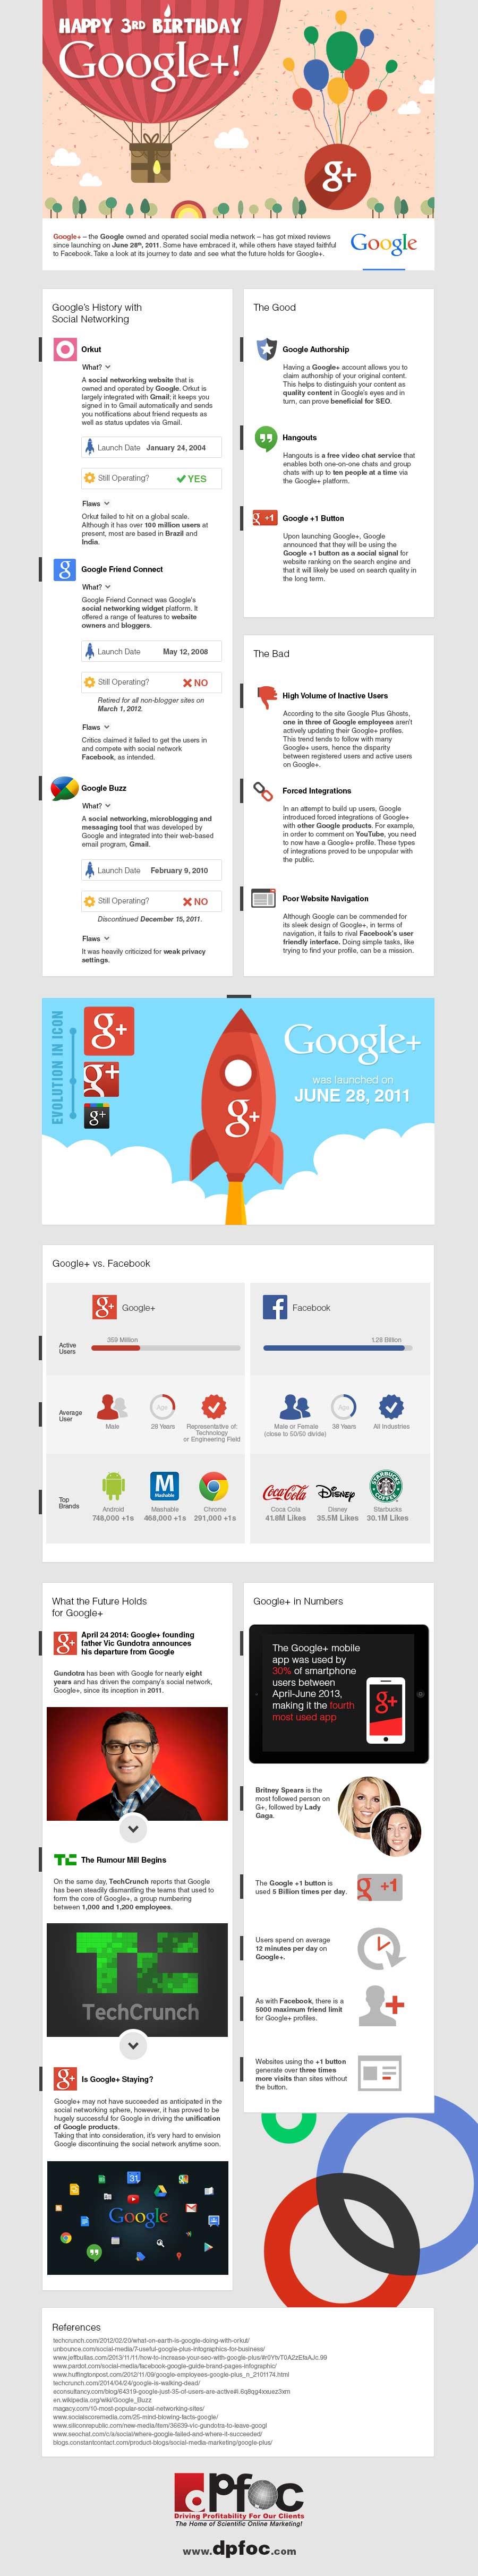 infografia_3_primeros_anos_google_